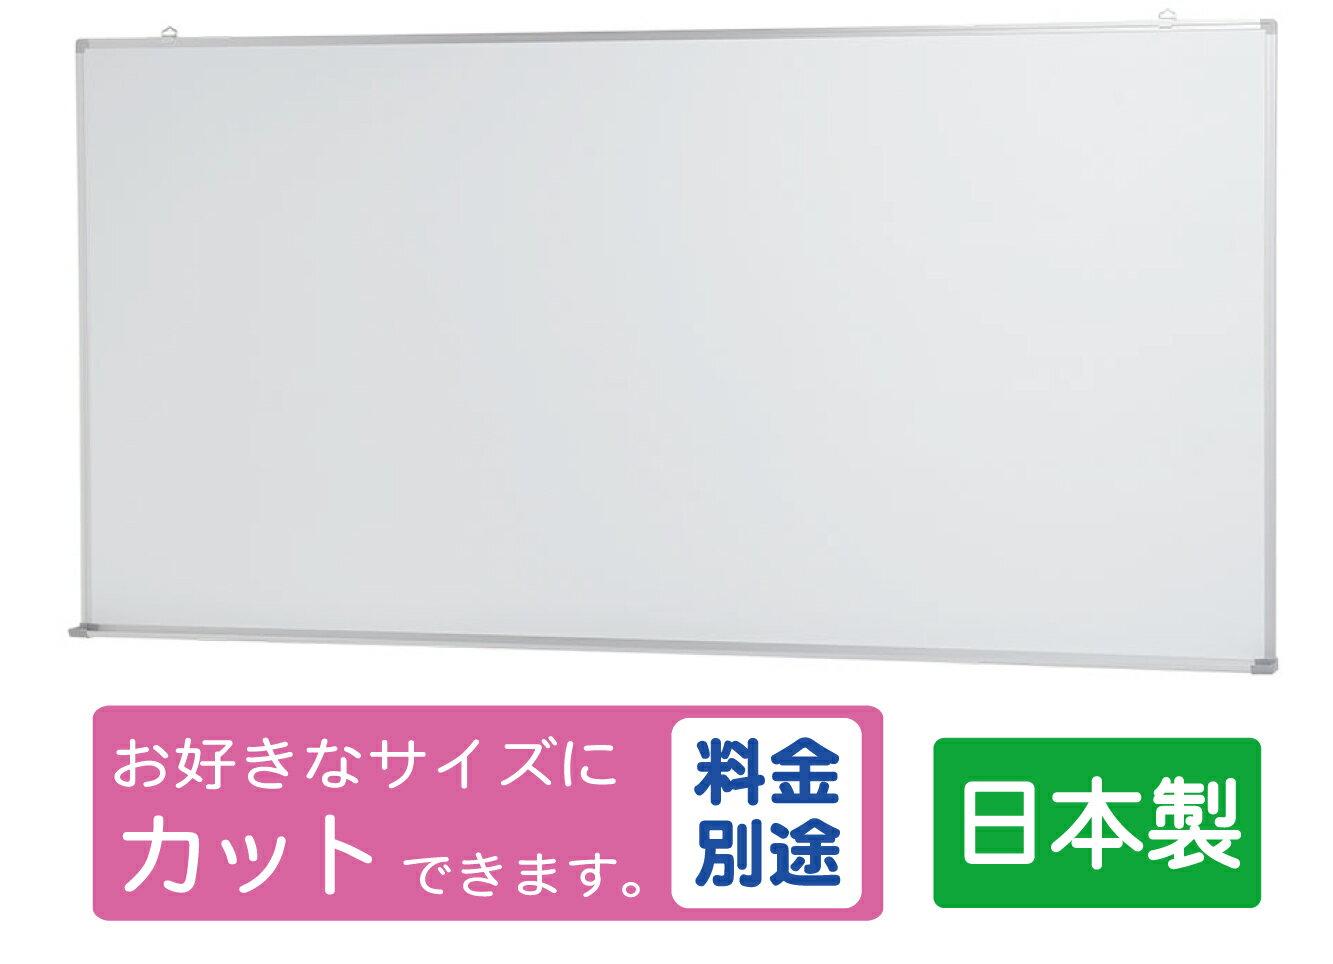 日本製 JFE ホワイトボード 壁掛用 無地 W1800×H900 条件付き 送料無料 (TS-36W) マーカーセット付 1800 幅 180 壁掛け 大型 マグネット 磁石 粉受け 横型 縦型 オフィス 事務 会議室 法人 ホワイトボードマーカー マジック セット マグネット付き